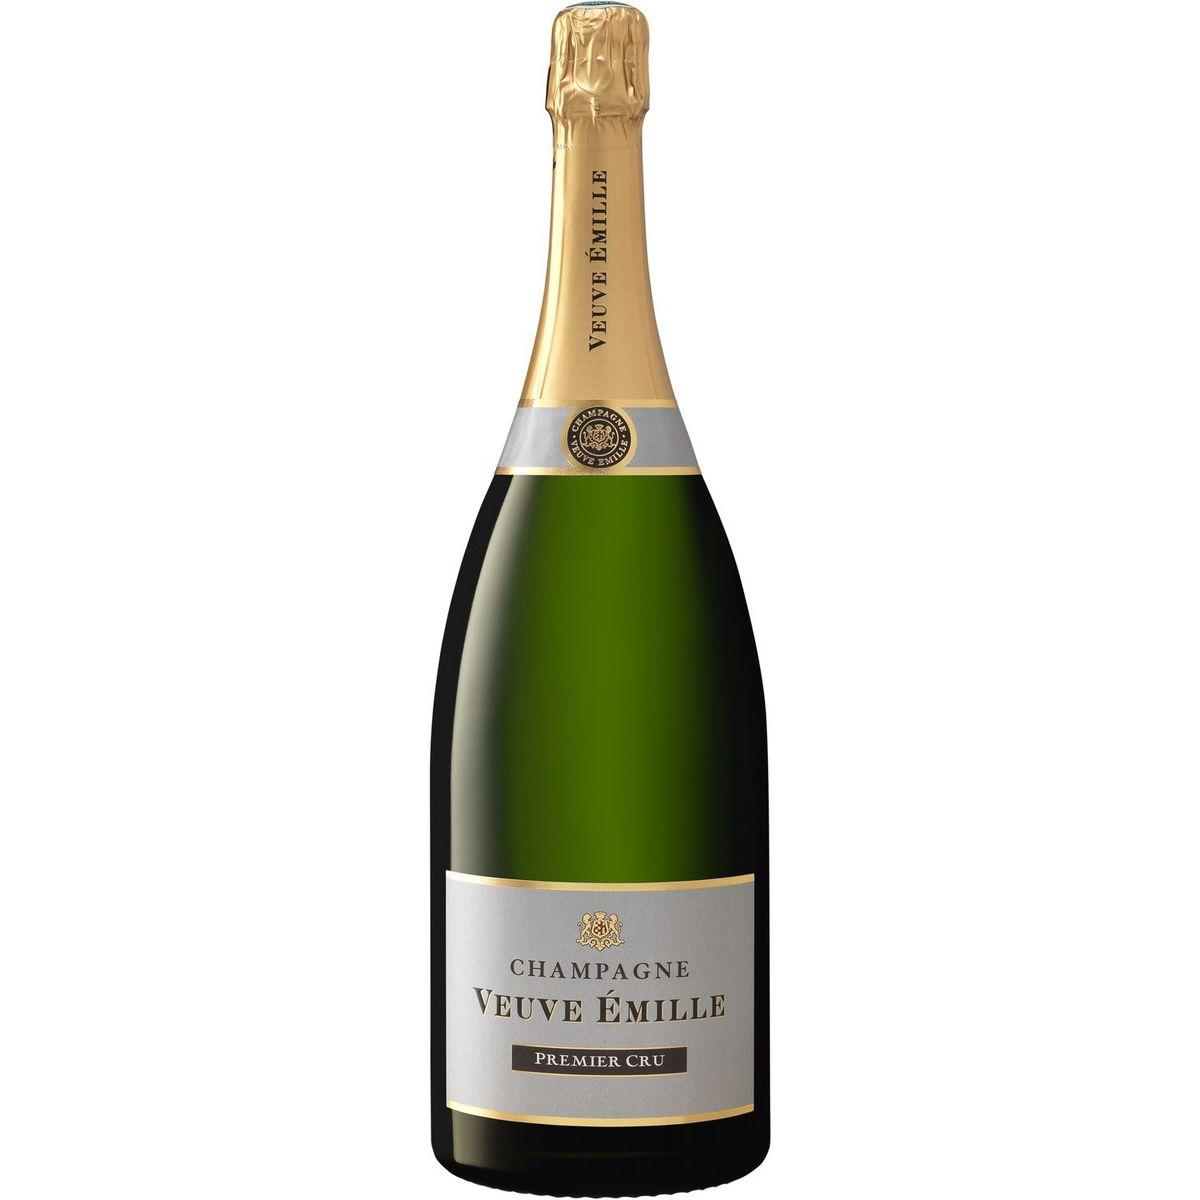 AOP Champagne brut premier cru